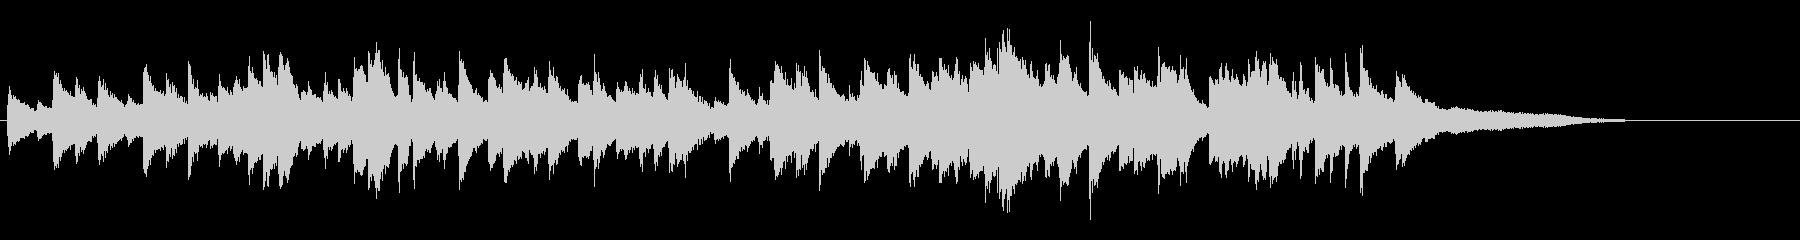 伝説 第2(パデレフスキ)*ピアノ曲の未再生の波形